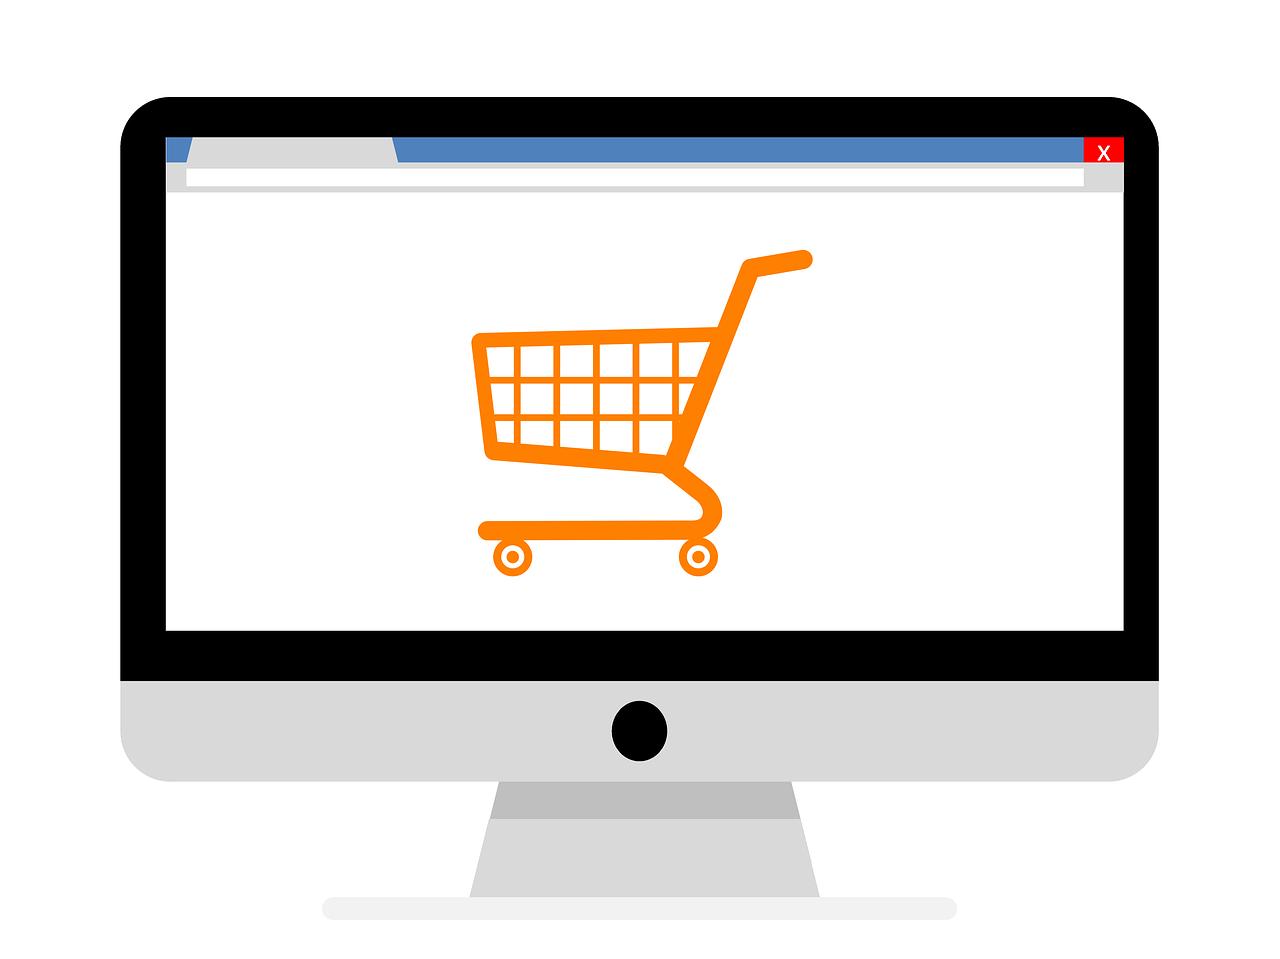 Ilustração de uma tela de computador com um carrinho de compras laranja em um fundo branco.